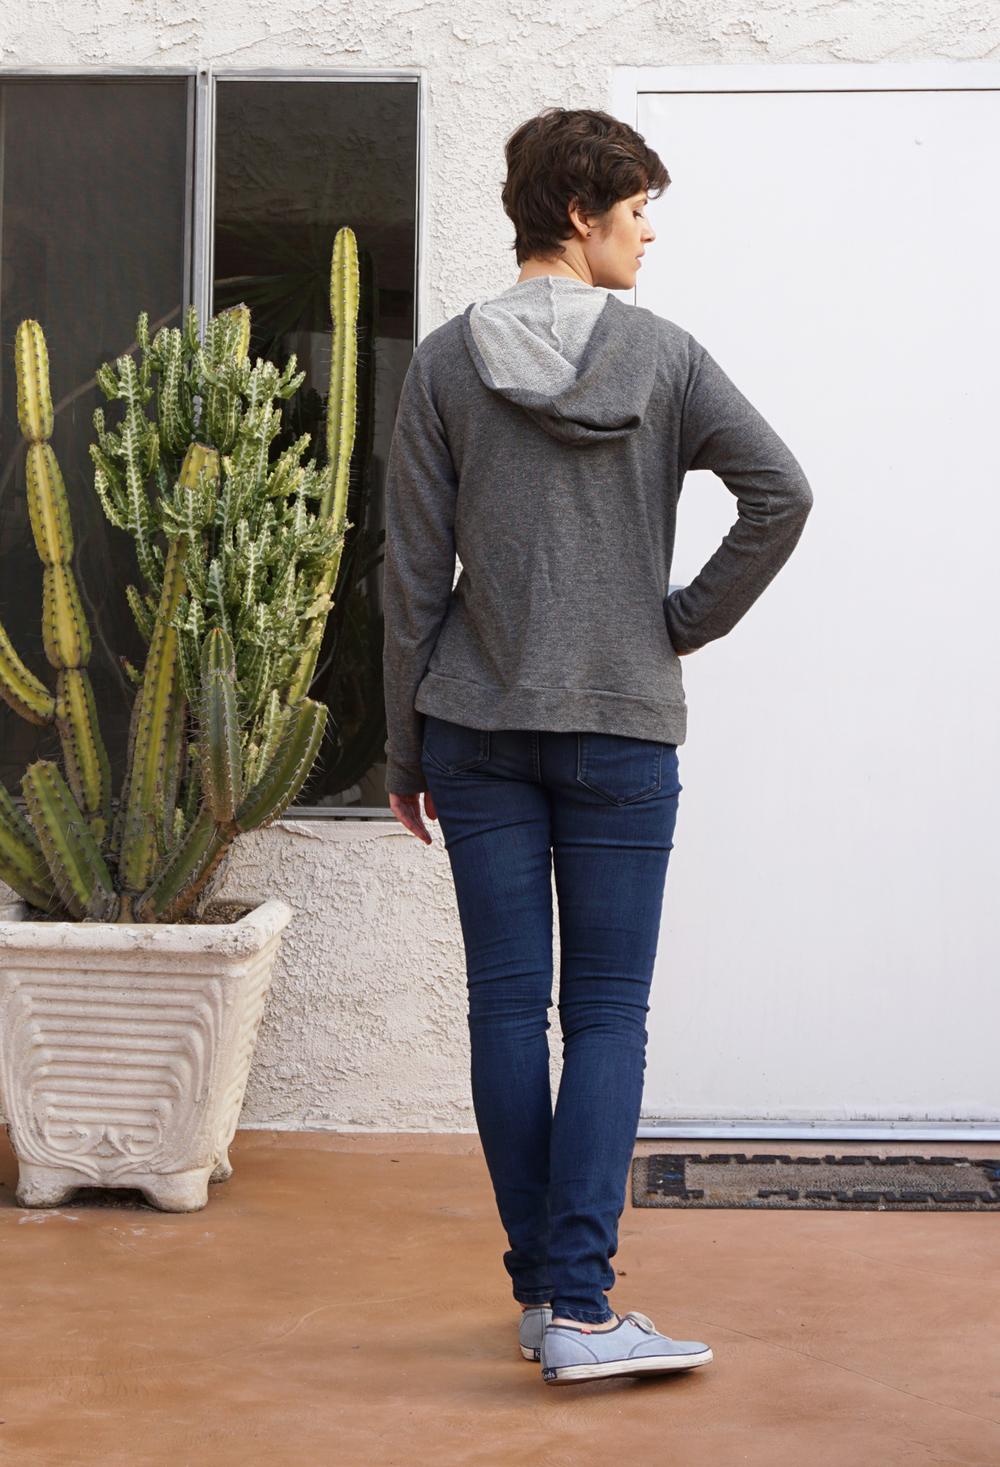 DIY Neon Zip Hoodie – Halifax Hoodie pattern by Hey June | Sew DIY